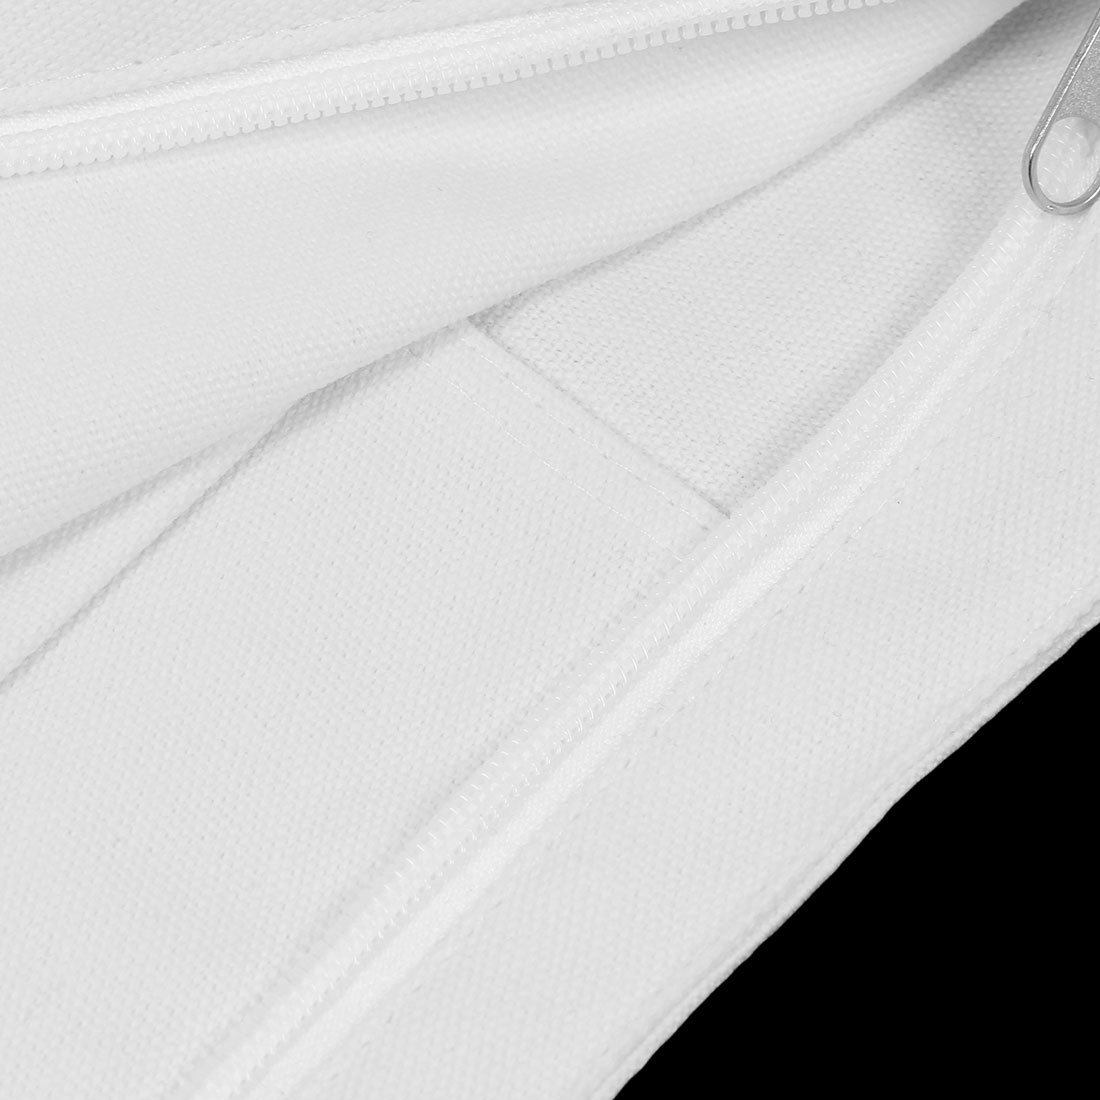 Amazon.com: Patrón eDealMax Carta lienzo Señora Fuera reutilizables ropa Holder mano del hombro de la bolsa de asas blanca: Kitchen & Dining